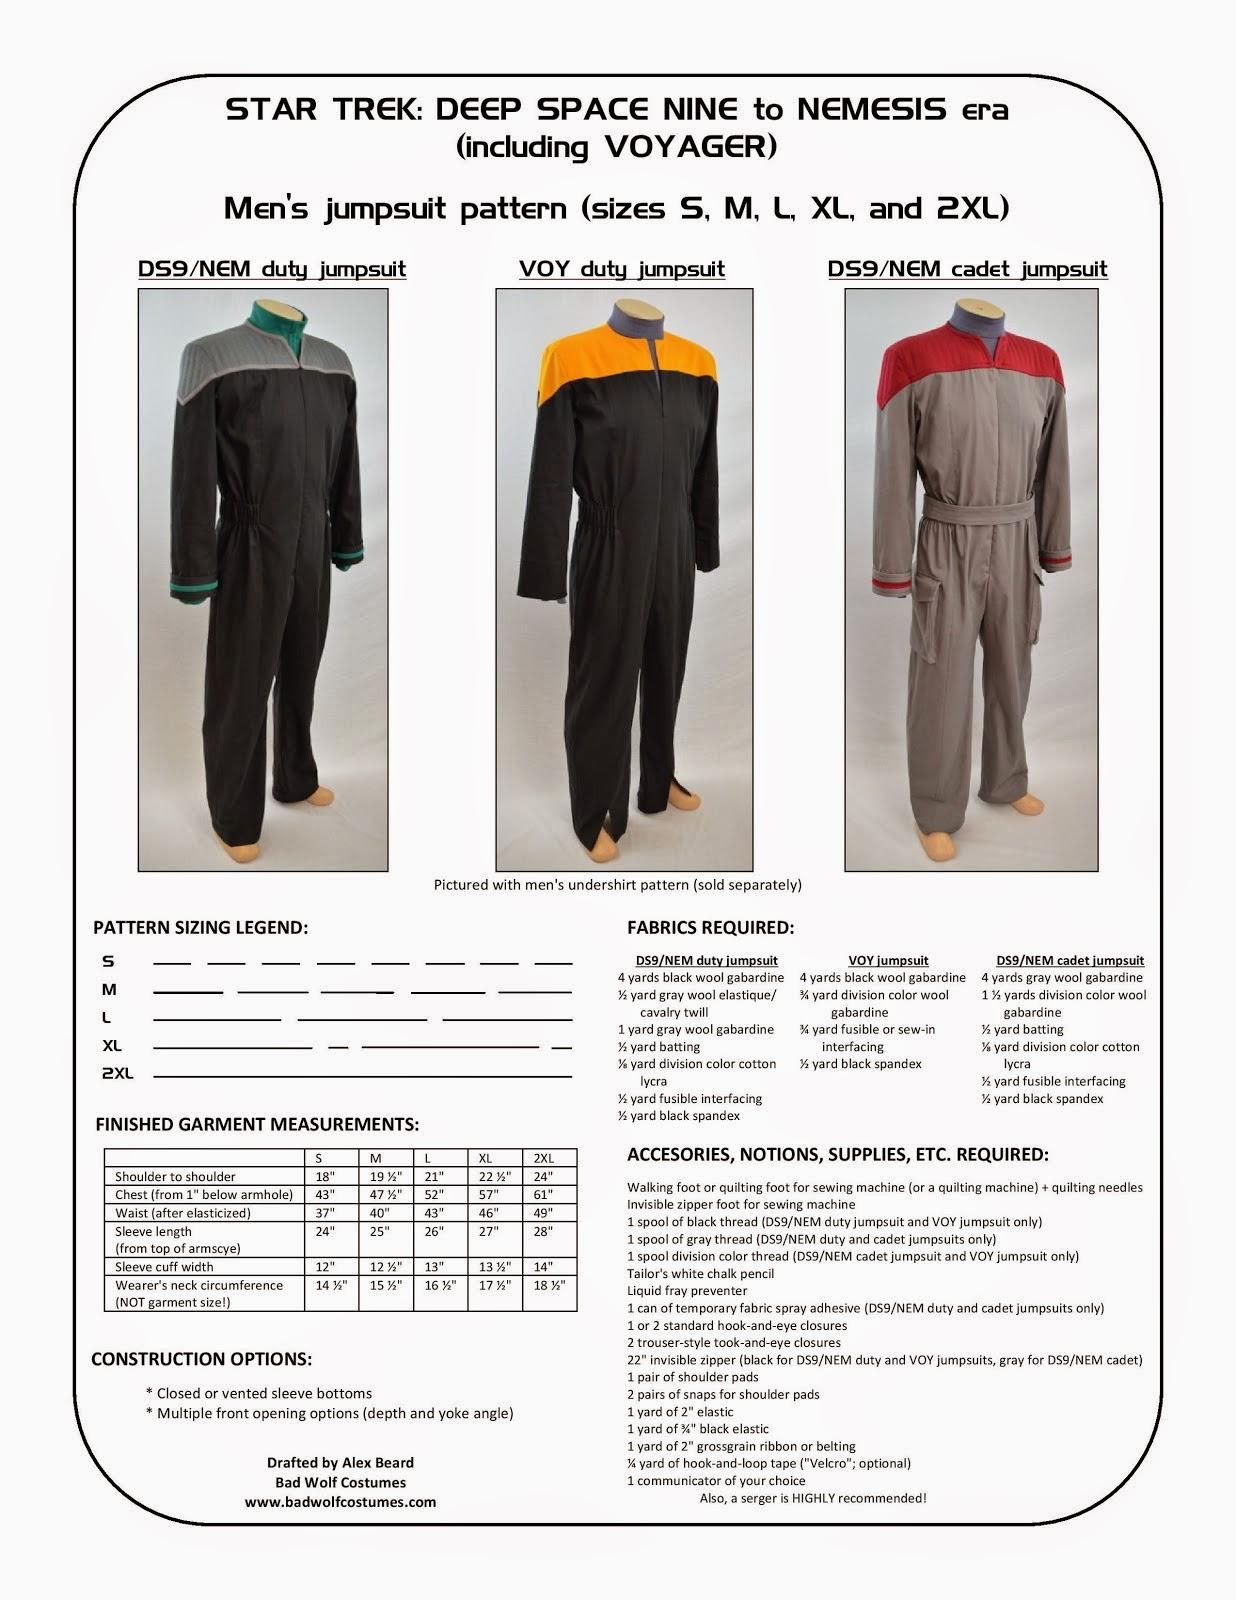 Star Trek: DS9/NEM and VOY Men's Jumpsuit Sewing Pattern